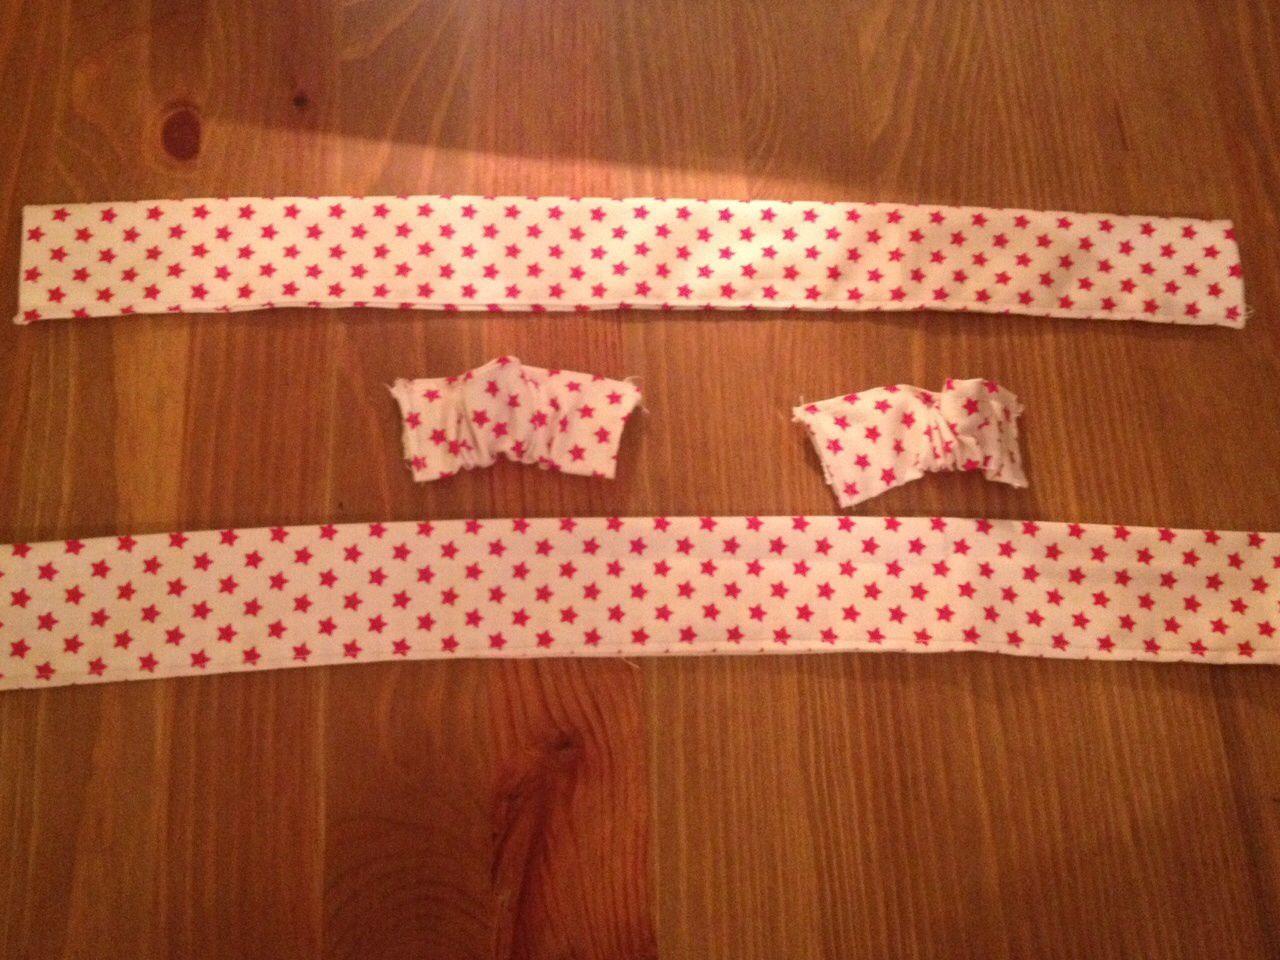 5) pour le petit bout de tissu : insérer l'un des morceaux d'élastiques auquel est attaché l'épingle à nourrice. Coudre l'extrémité de l'élastique au bord du tissu. Puis, rattraper l'autre extrémité de l'élastique grâce à l'épingle à nourrice, la sortir et la positionner à l'autre extrémité du morceau de tissu après avoir retirer l'épingle et coudre bord à bord. Le tissu sera tout froncé.